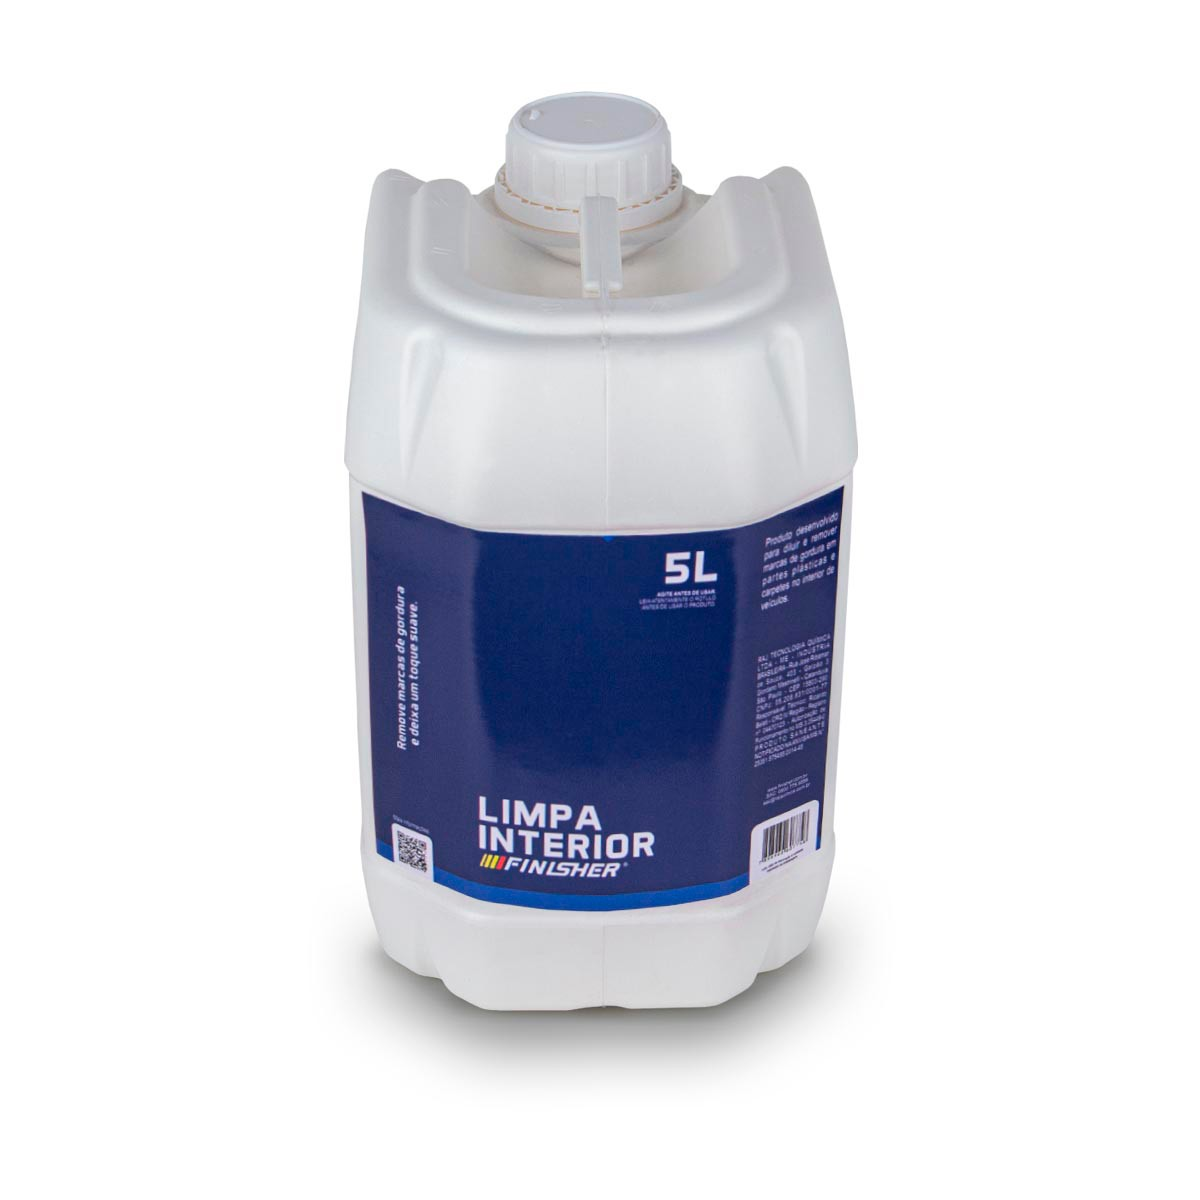 Limpa Interior 5L - Finisher